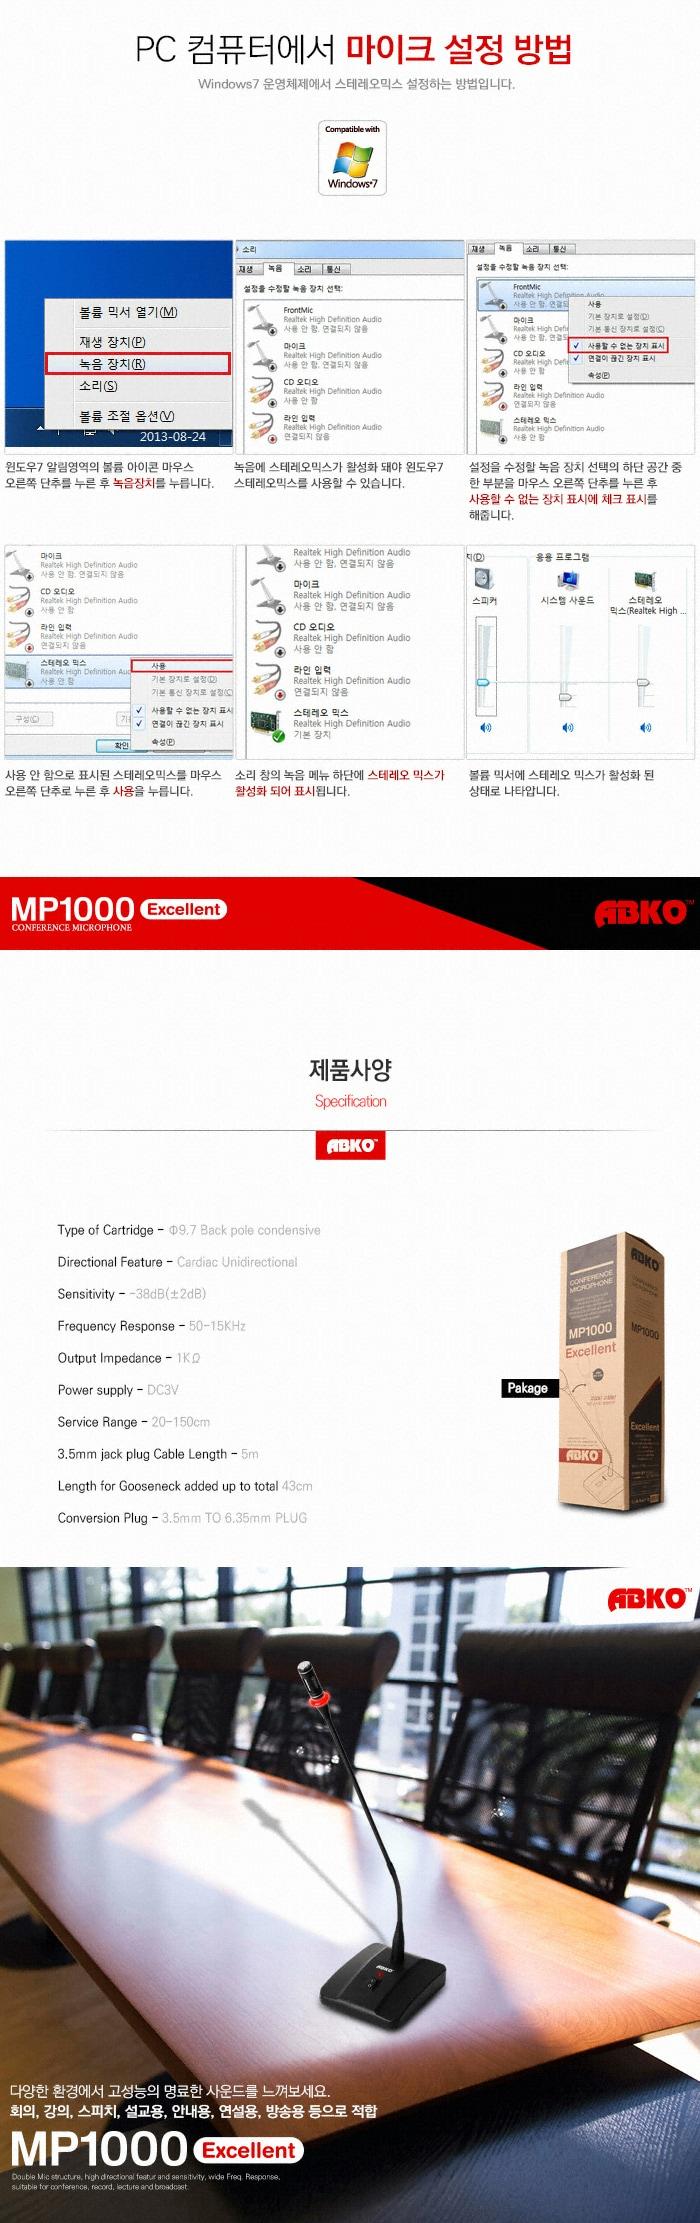 MP1000_DB_08.jpg